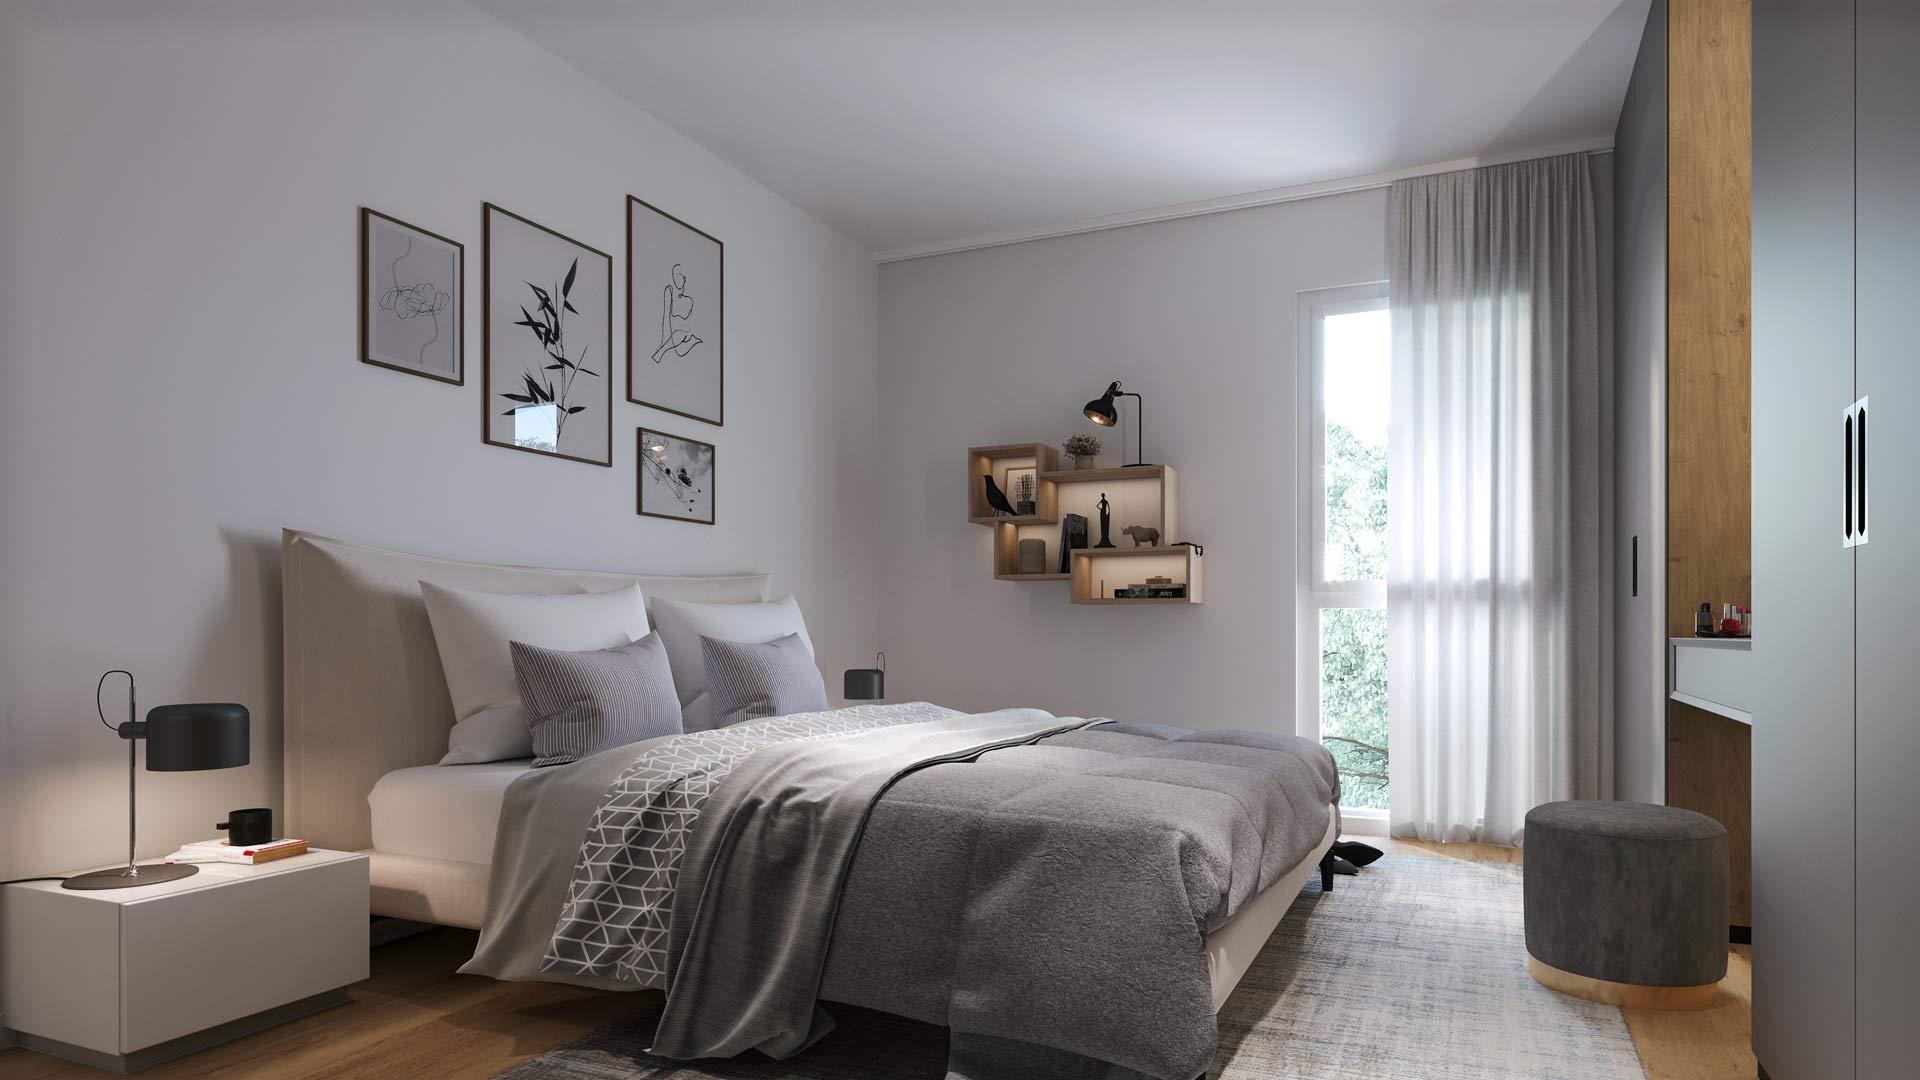 Projekt Villach Beispiel Innenausstattung Schlafzimmer